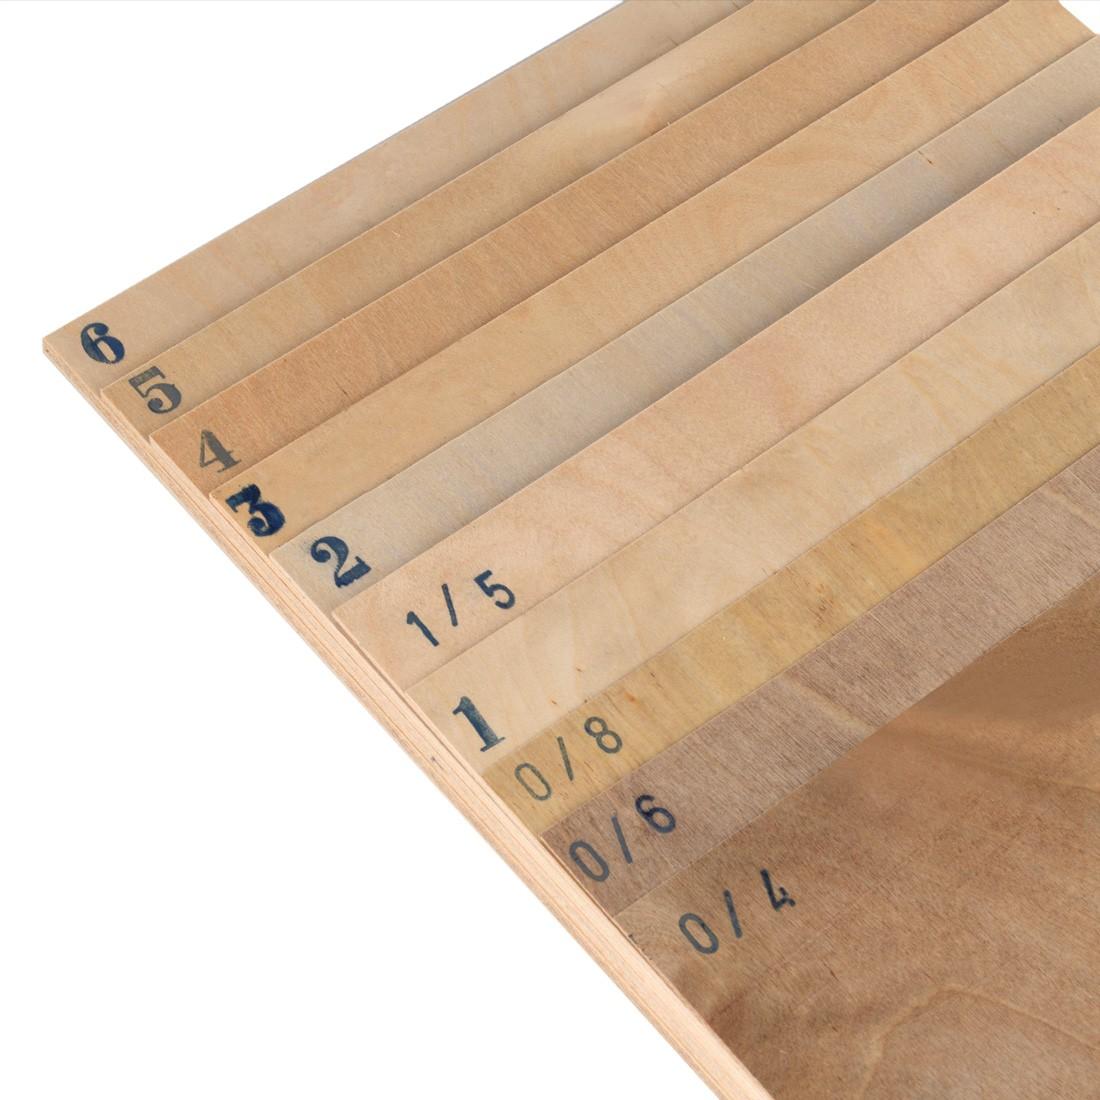 Avio Birch plywood mm.1 cm.122x40